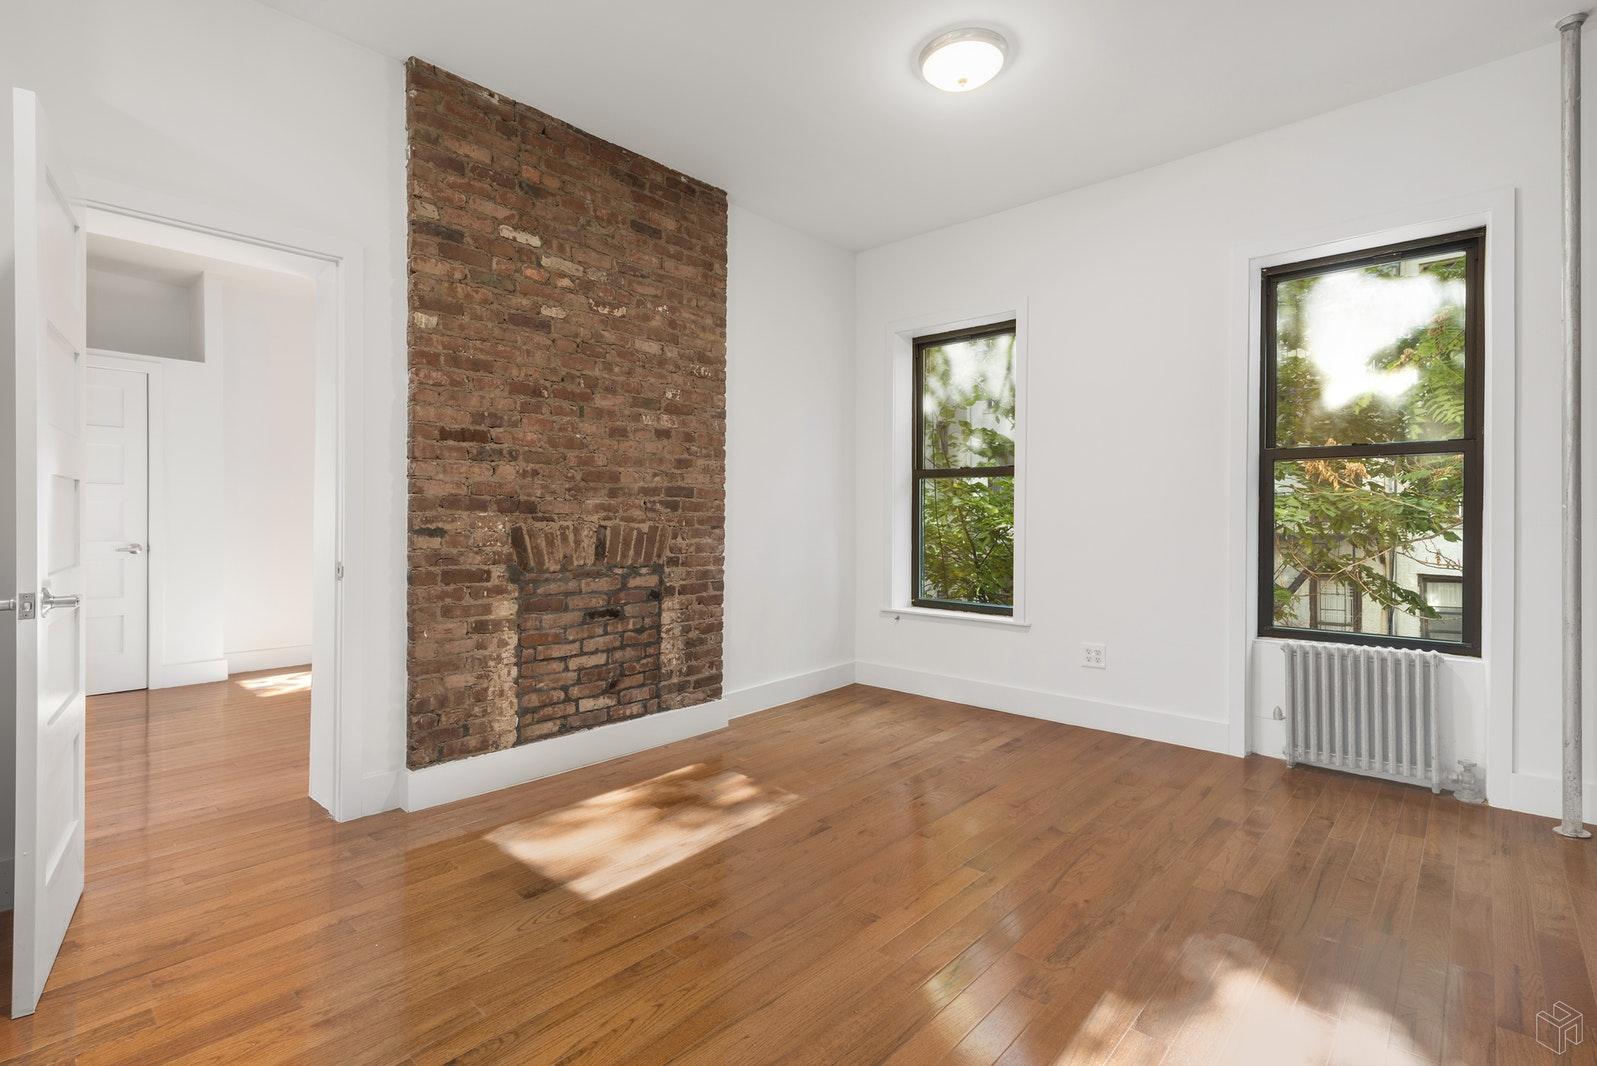 412 EAST 9TH STREET 7, East Village, $3,495, Web #: 19519202